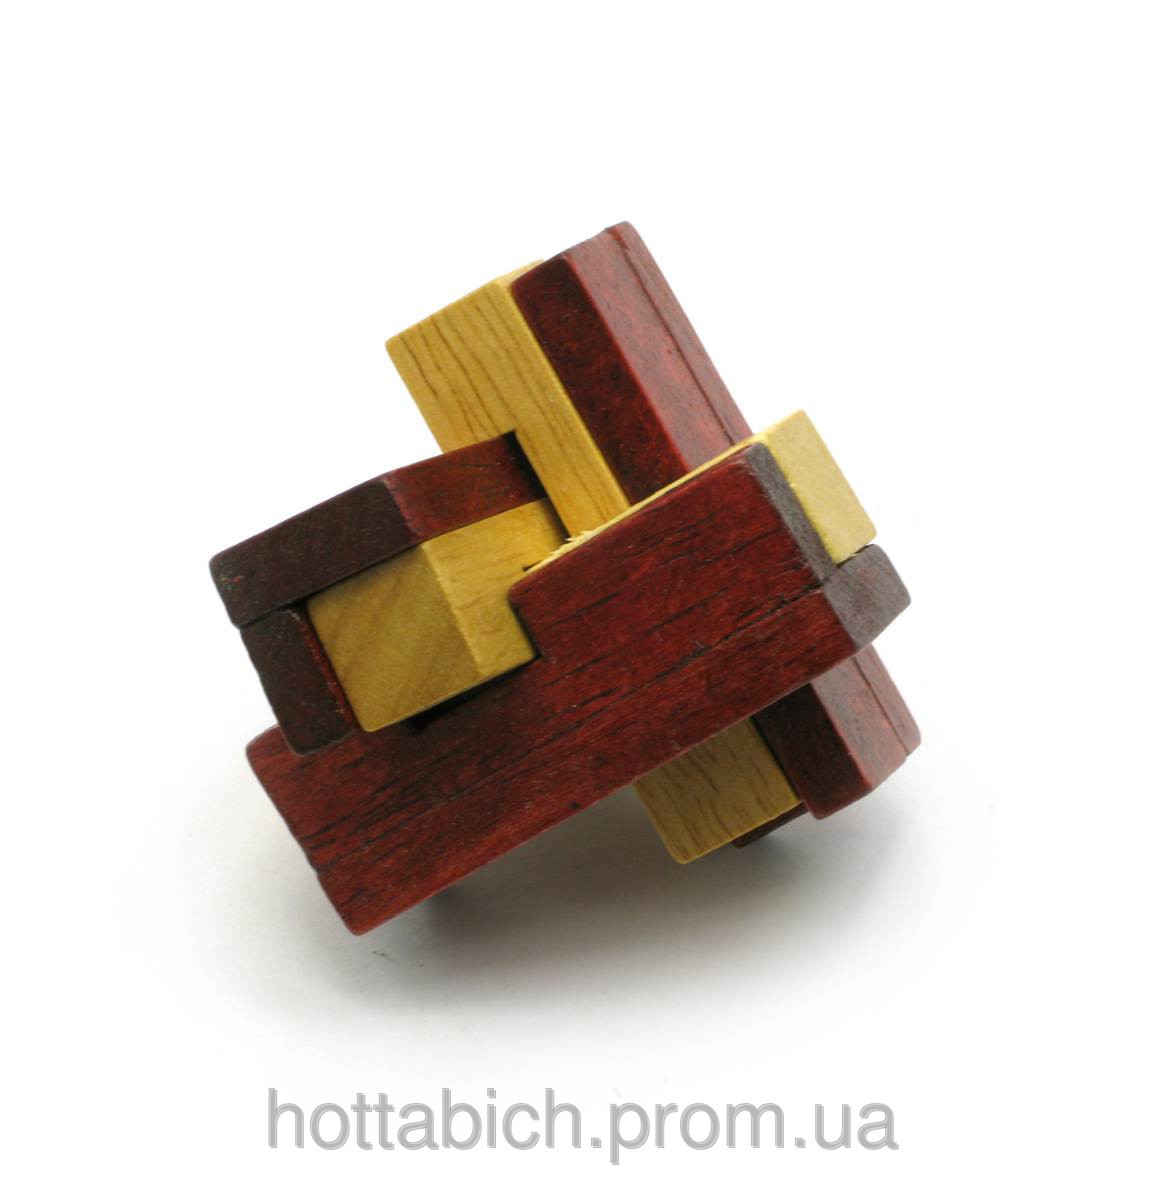 Игра Головоломка деревянная